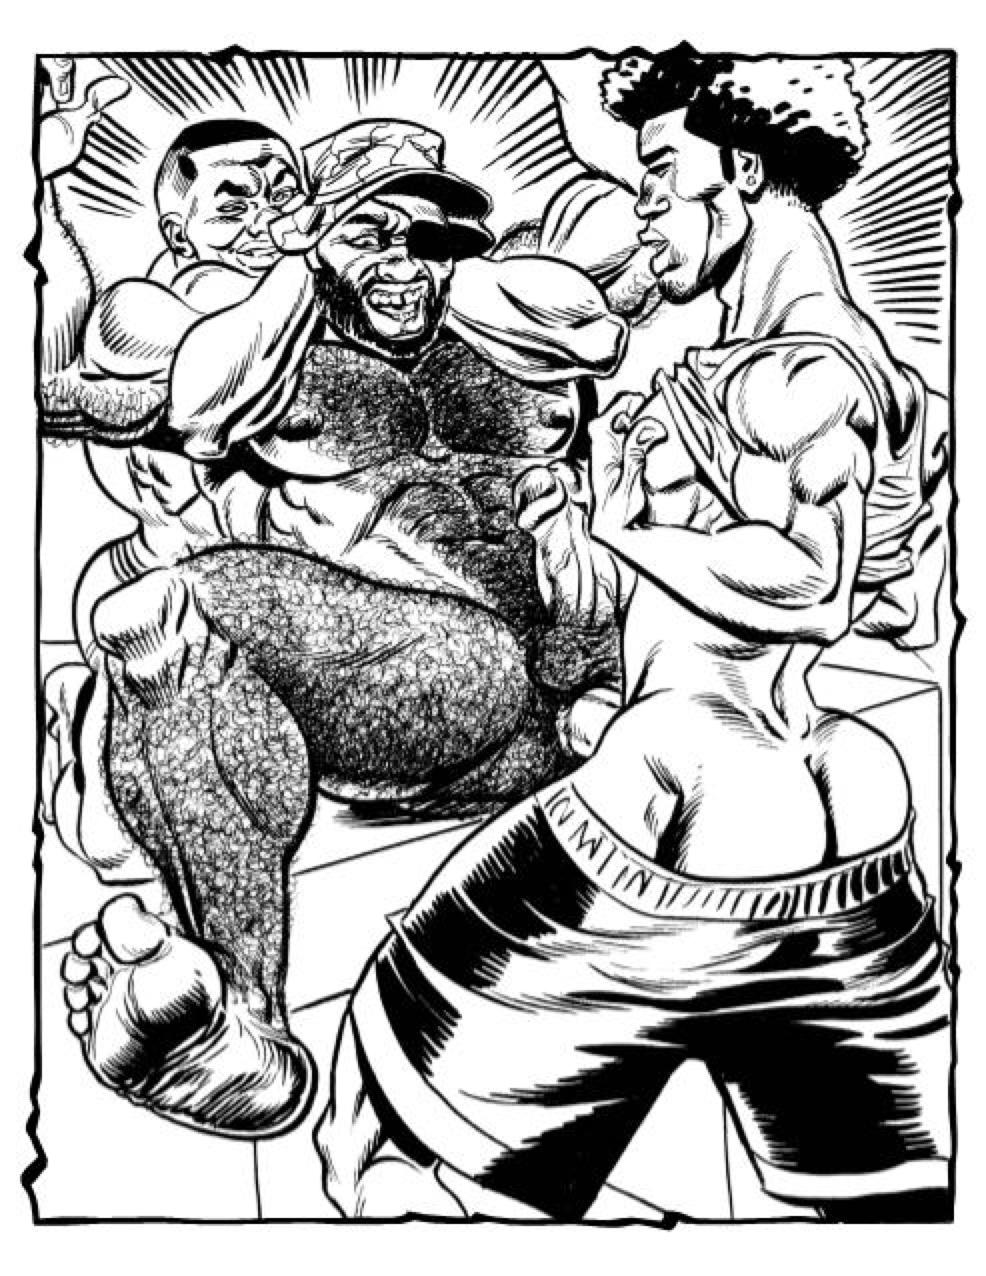 hairy gay cartoon art